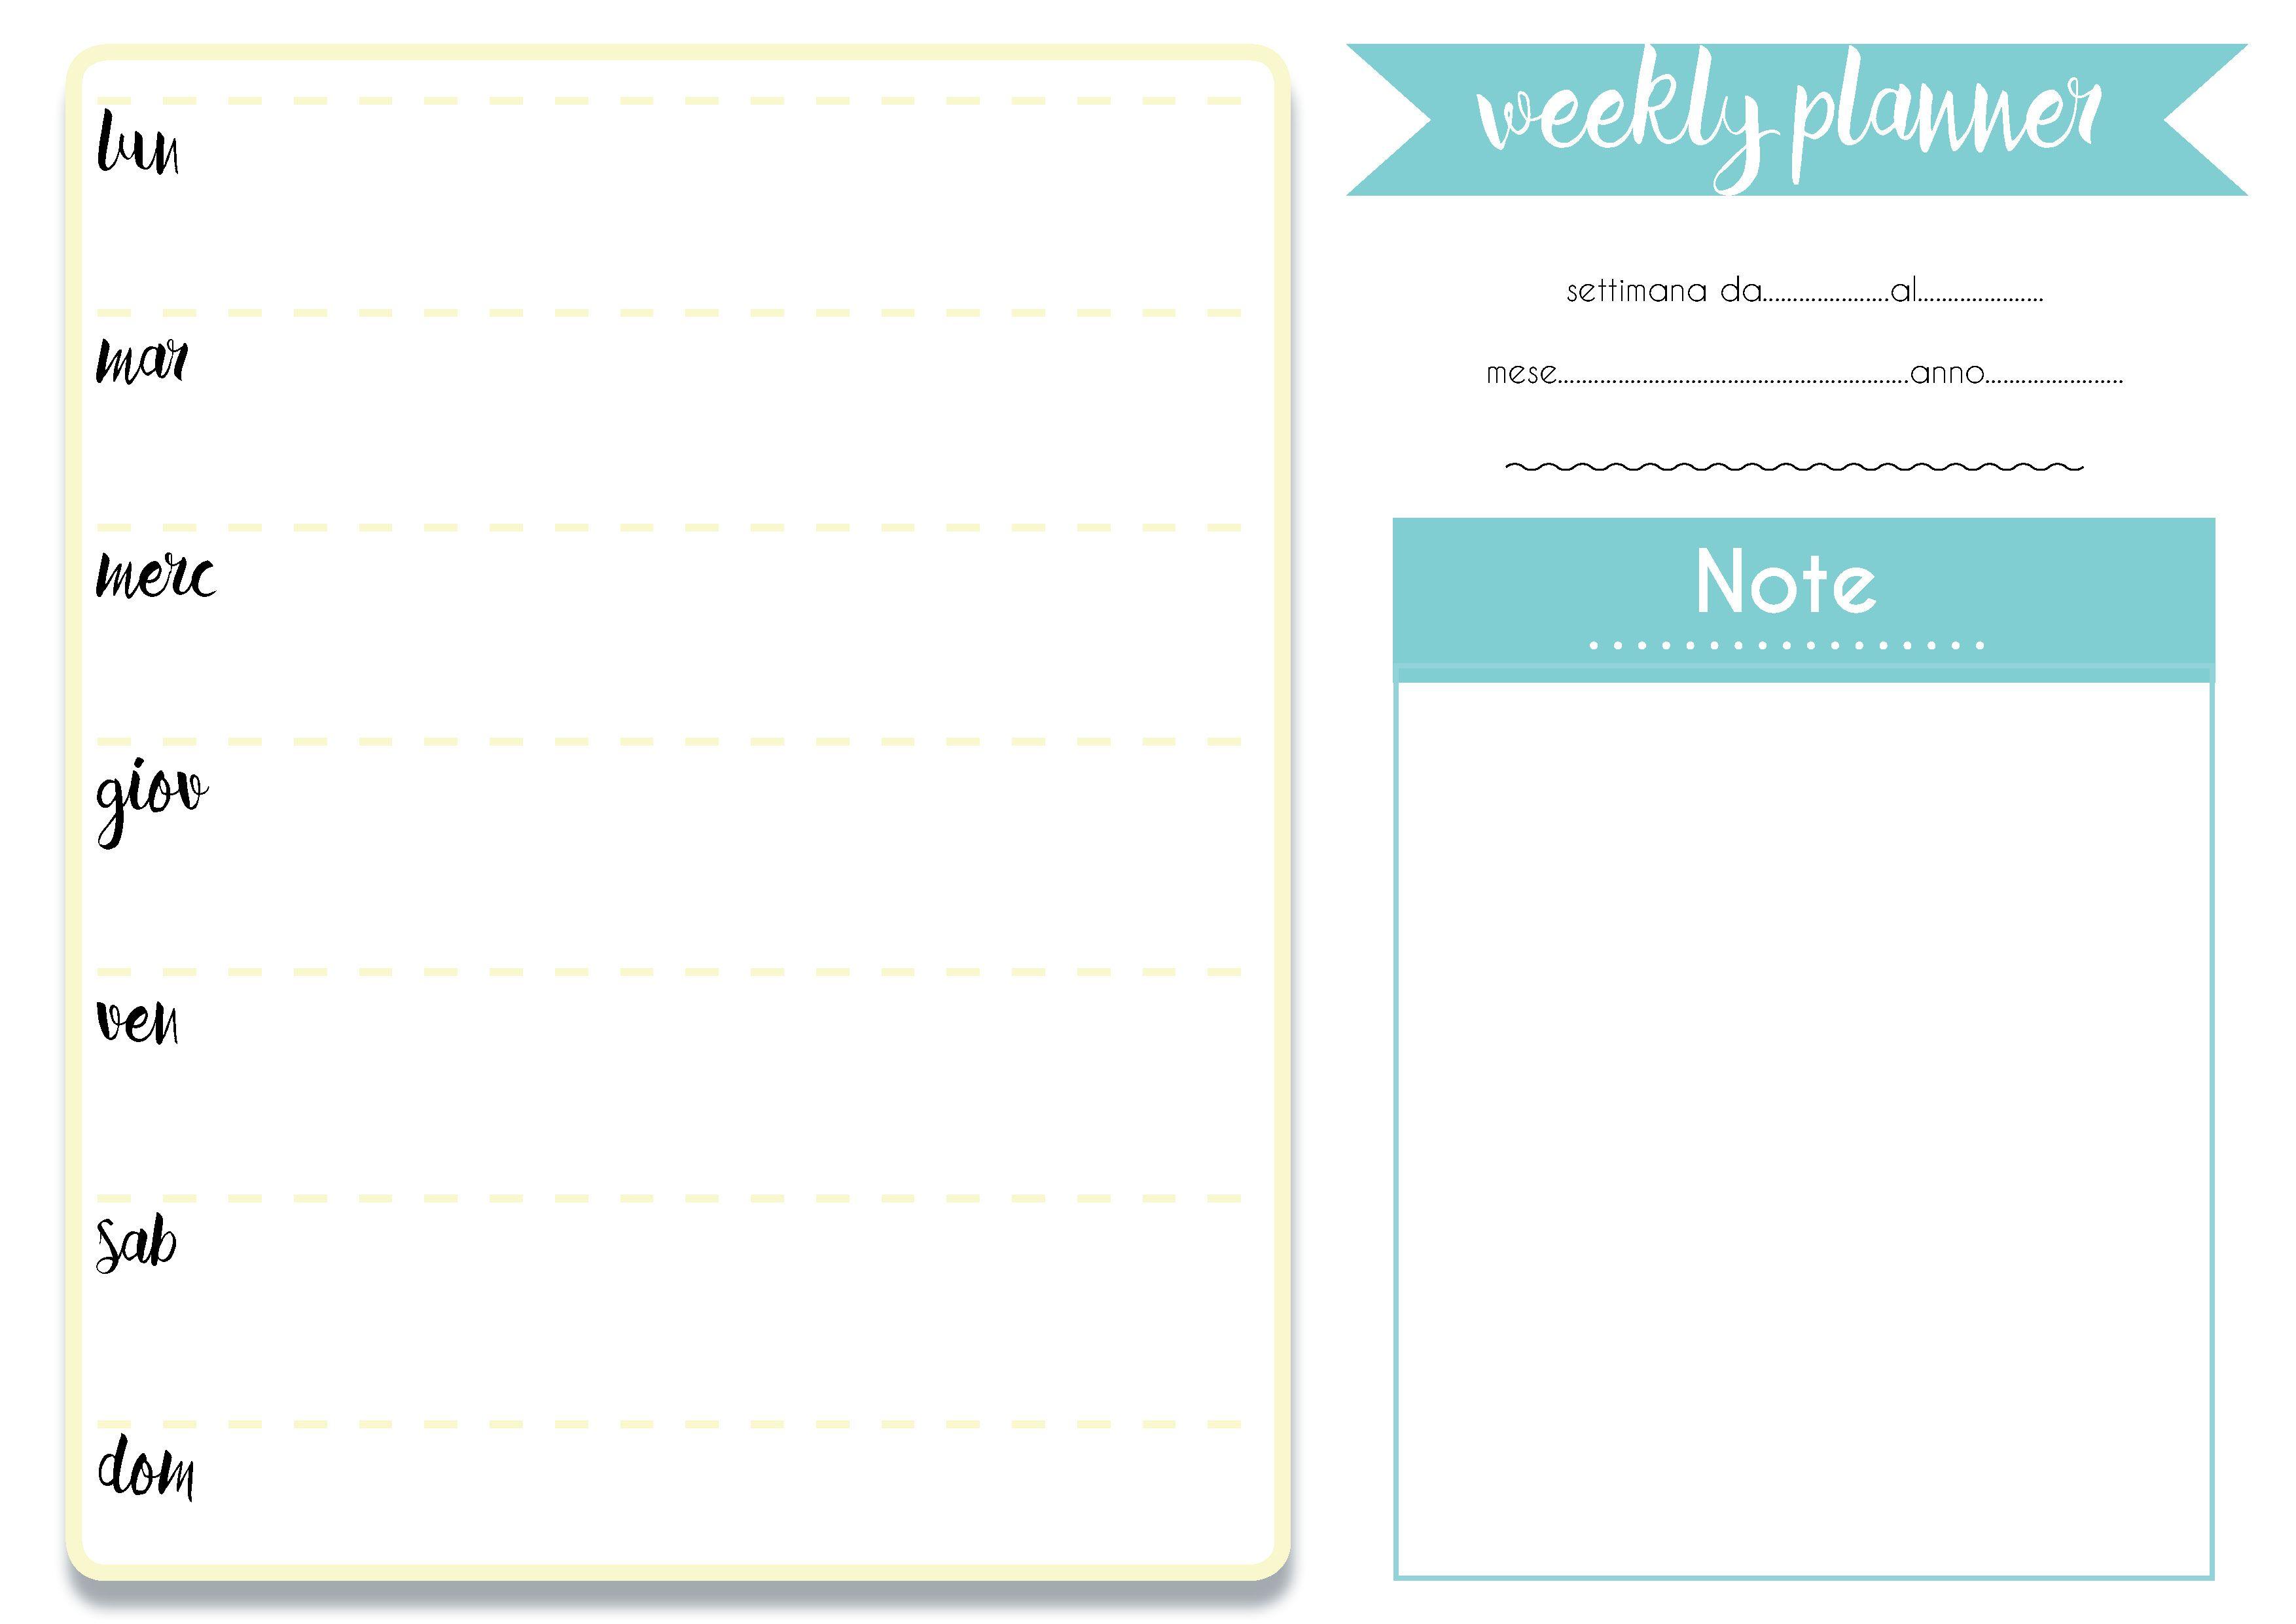 Super Il planner settimanale da scaricare e stampare | Bigodino PQ63